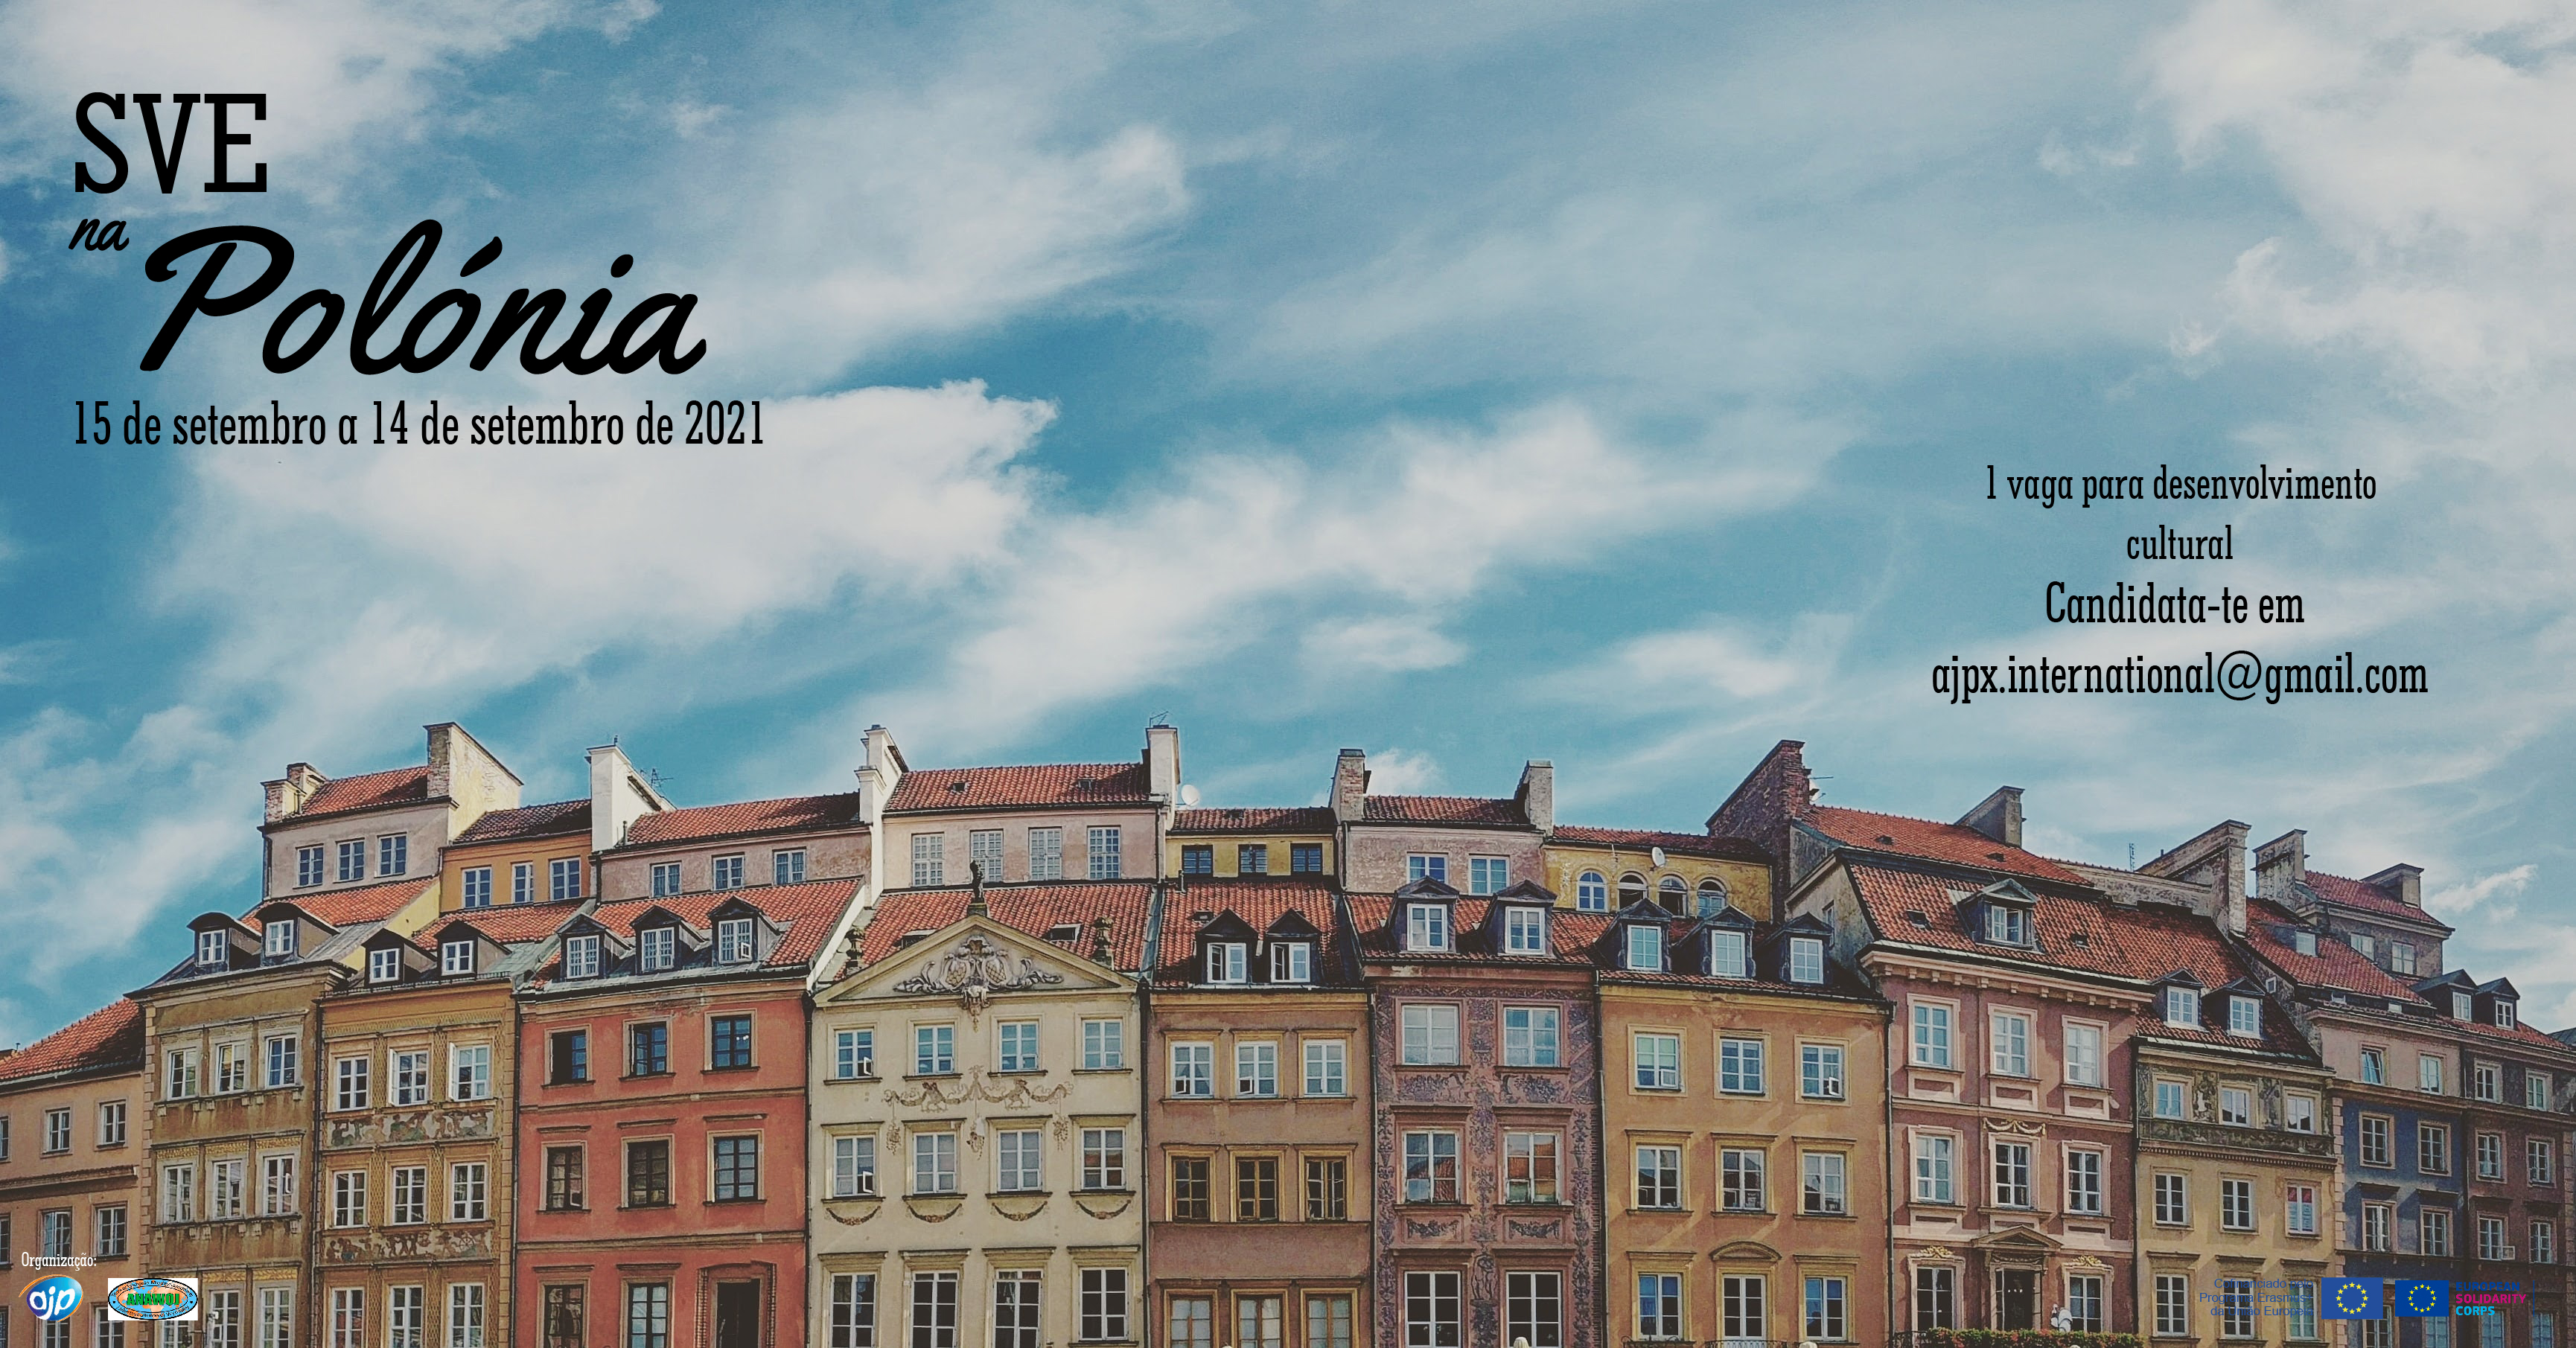 SVE na Polónia